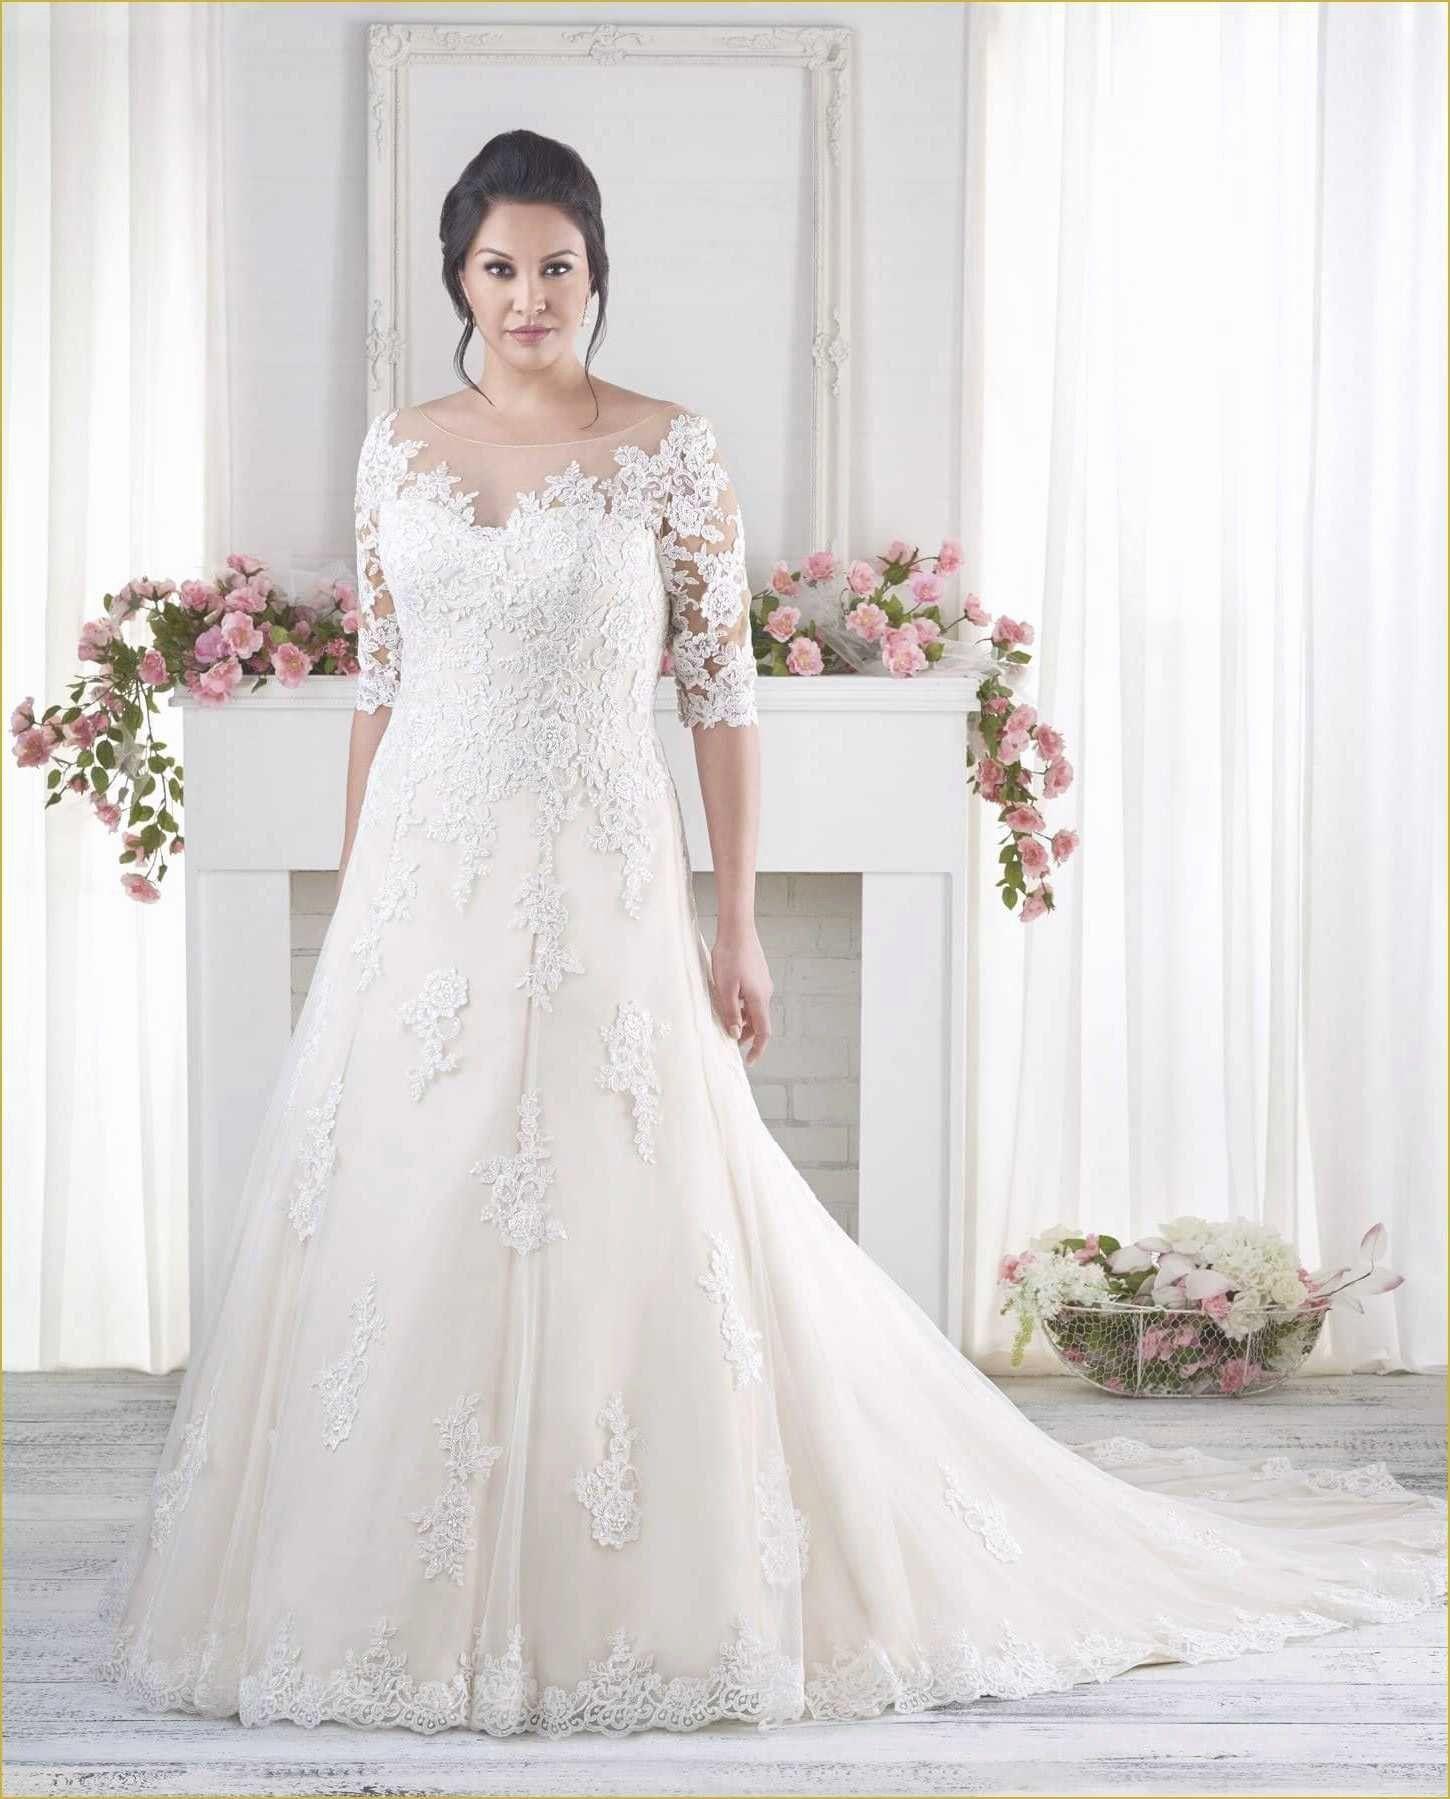 Wedding Dress Rentals In Dallas Texas Awesome Wedding Gowns Dallas Tx Elegant Bridal Gown Rental Sales Wedding Dress Rentals In Dal In 2020 With Images Wedding Dresses Pinterest